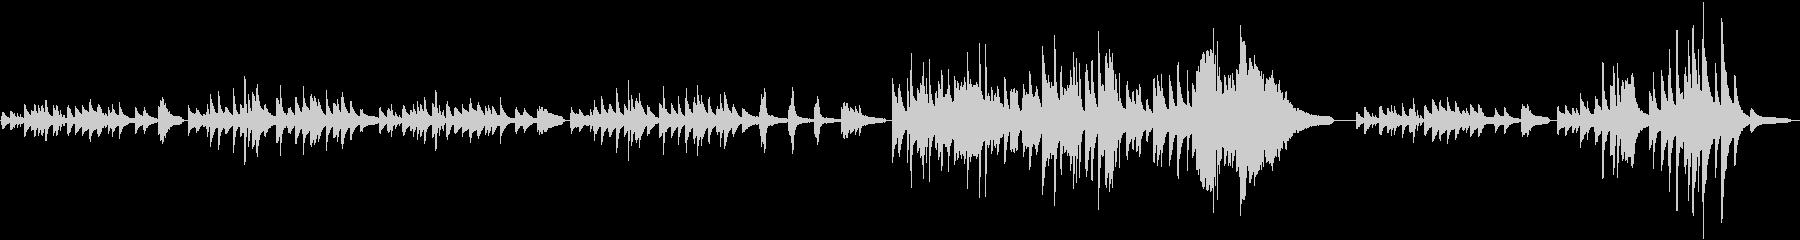 独特な浮遊感のヒーリング、ピアノソロ♪の未再生の波形